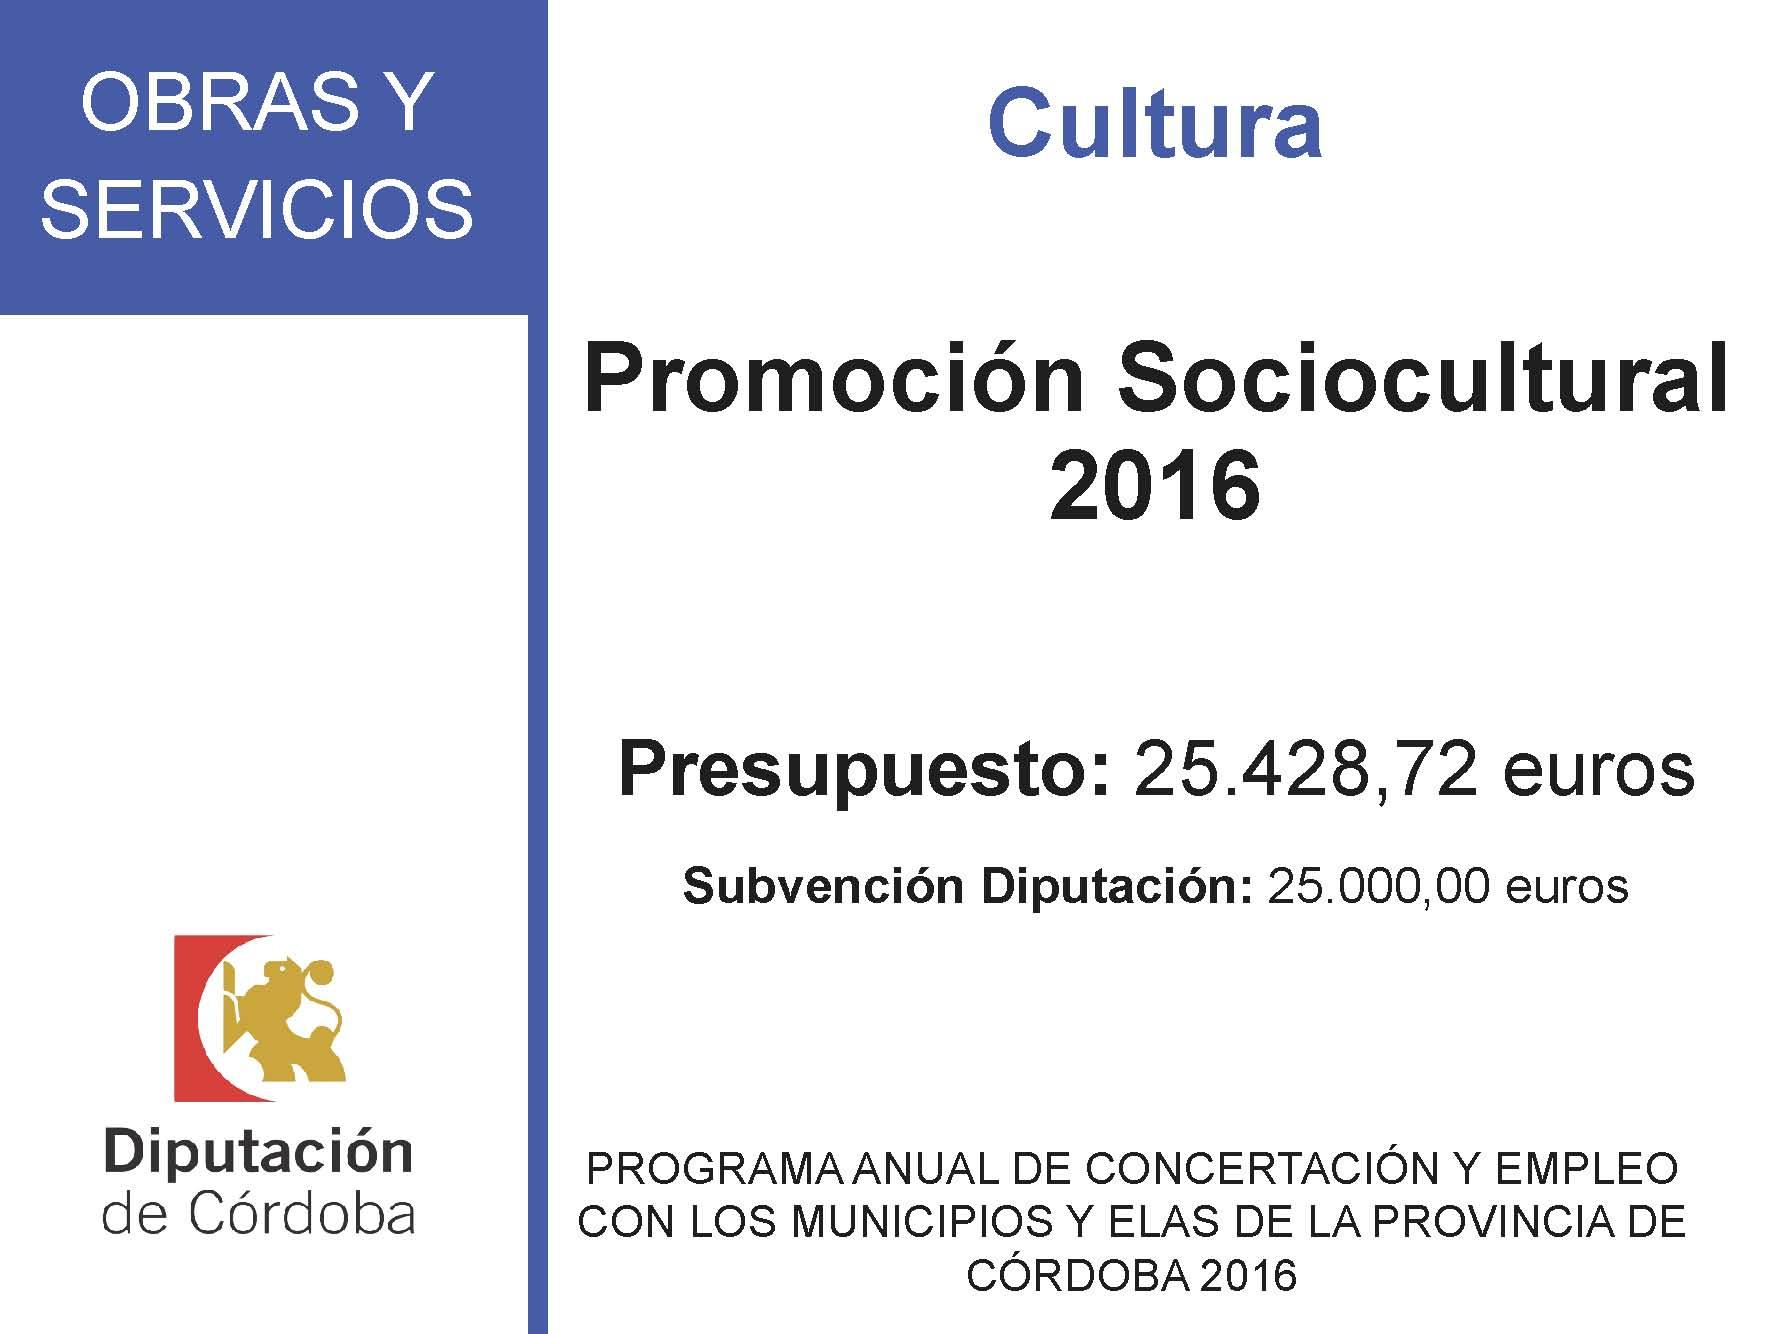 SUBVENCIONES RECIBIDAS. 2016 29